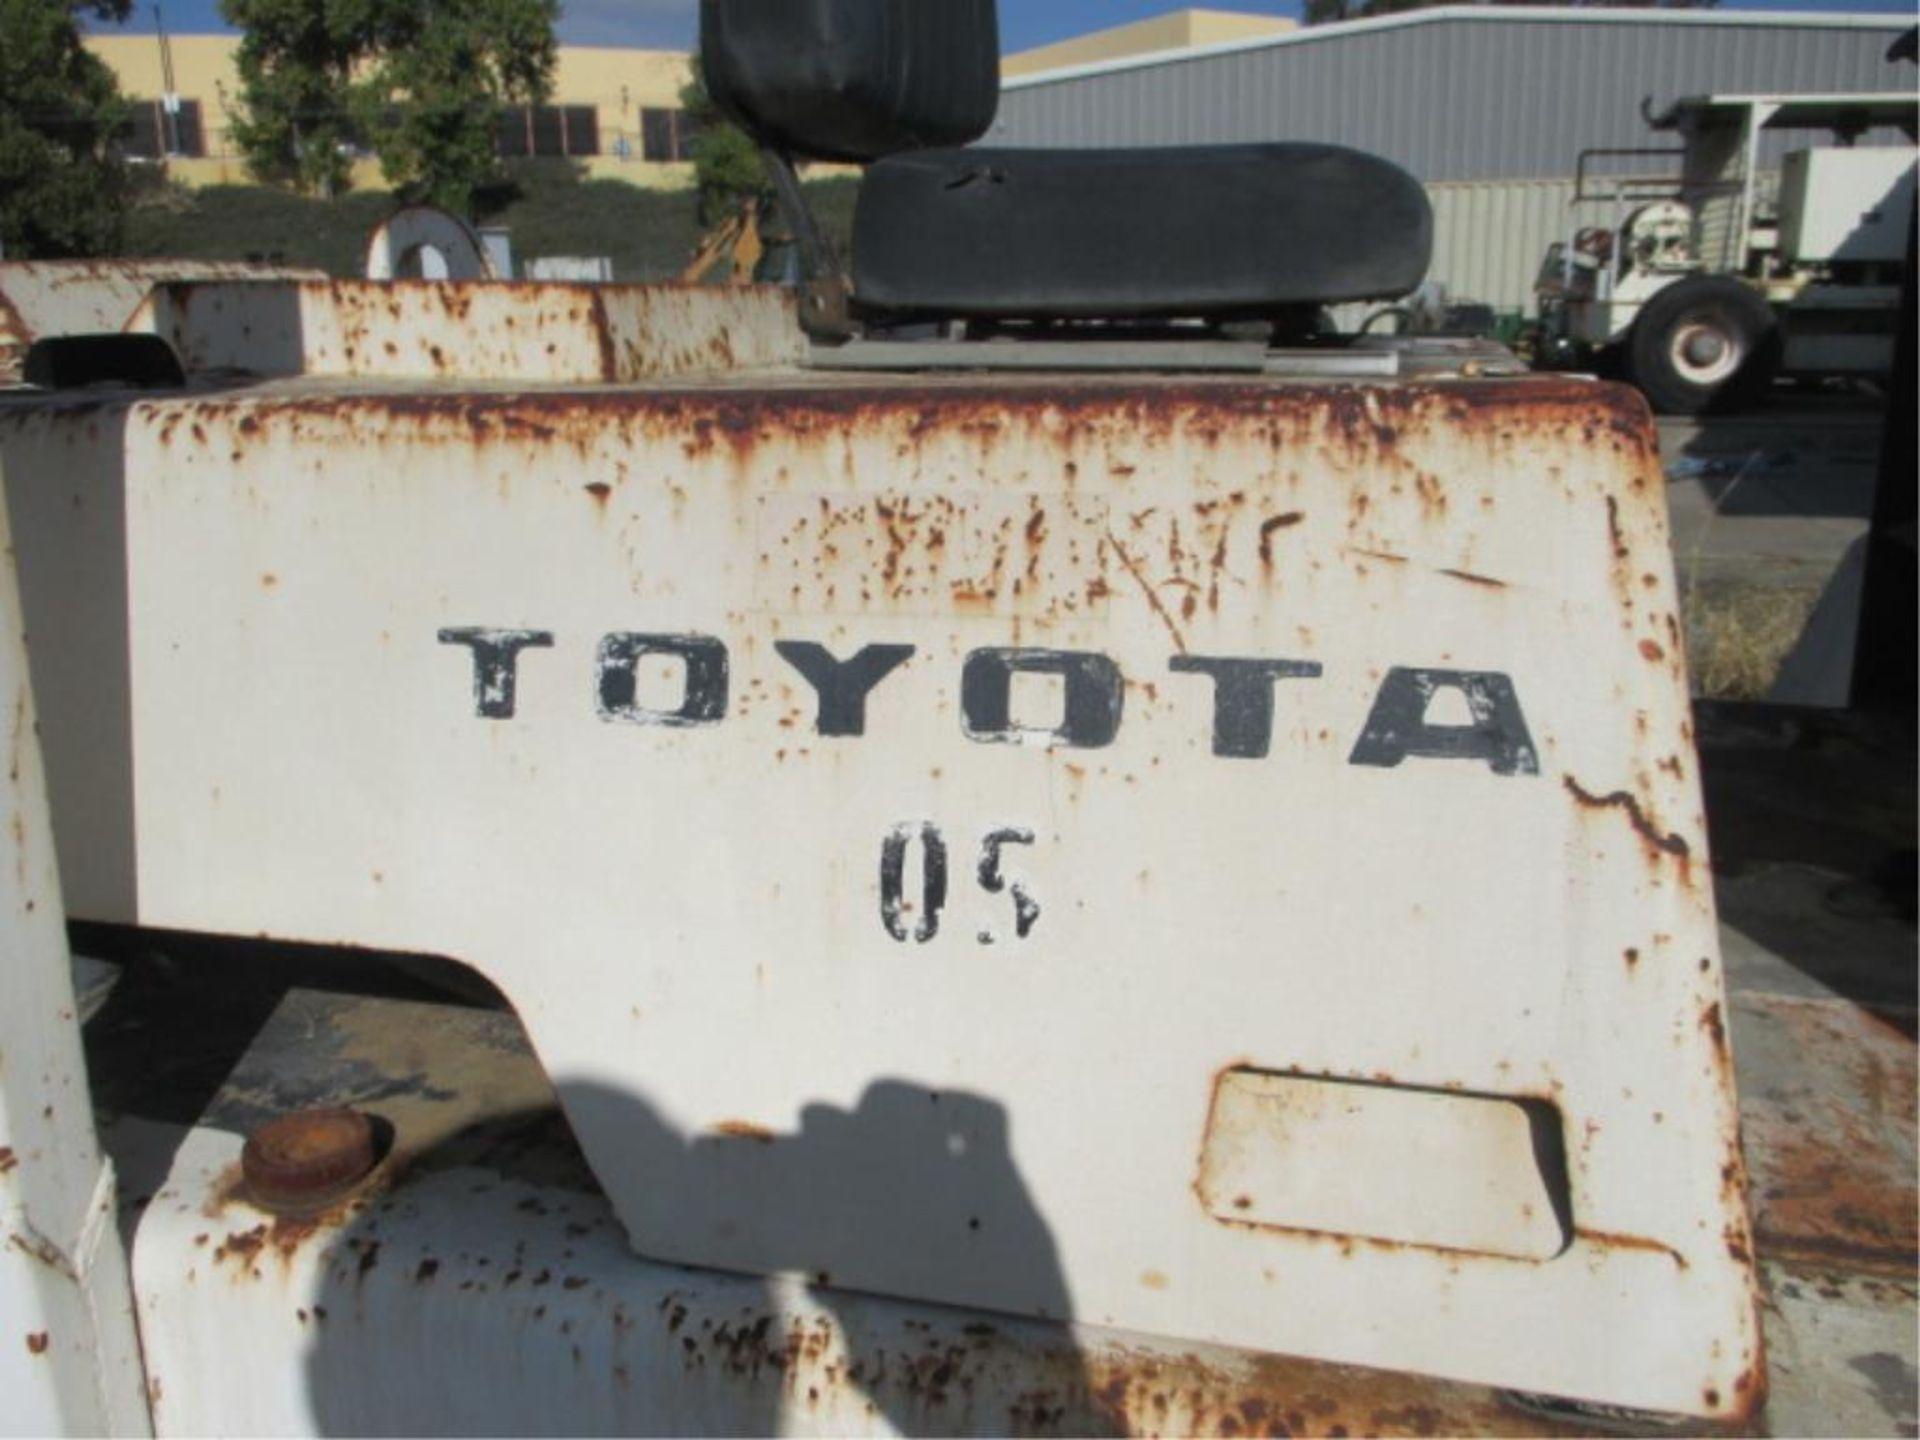 Forklift - Image 7 of 7